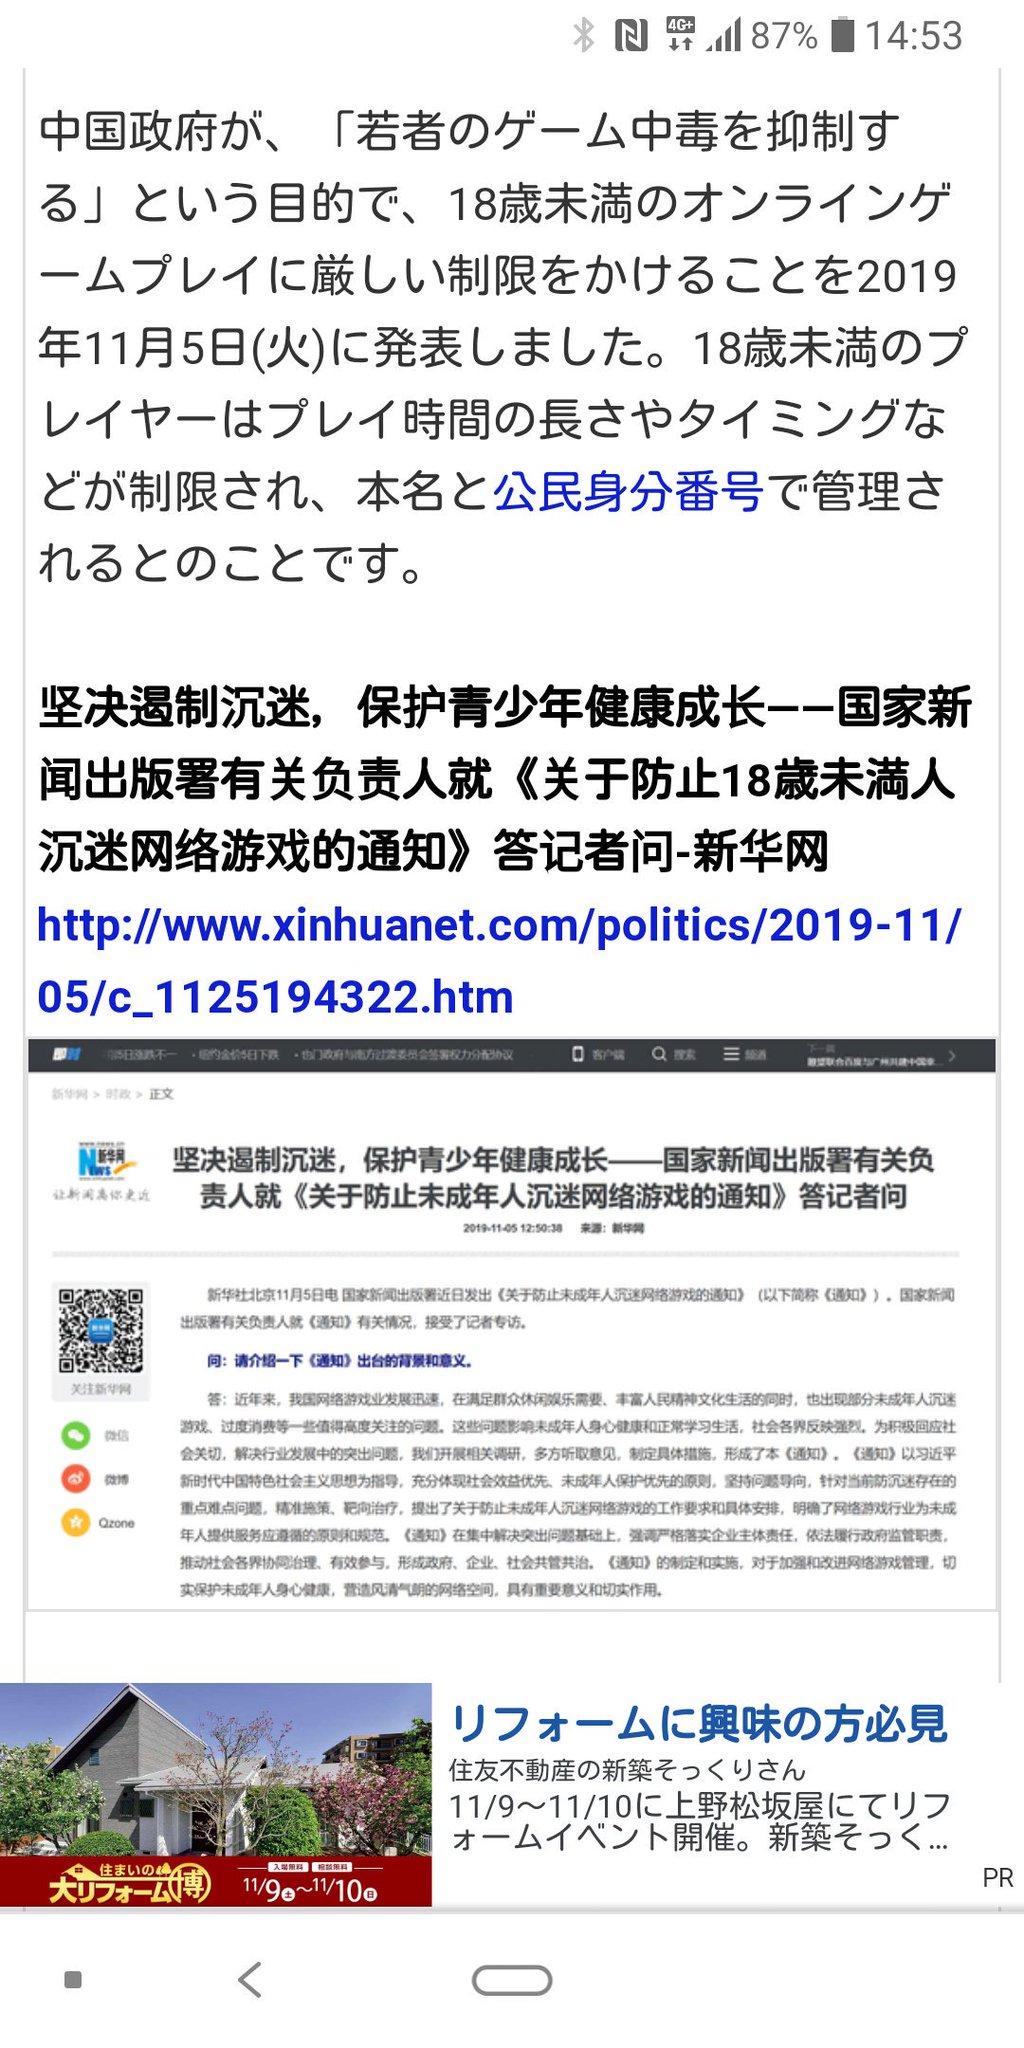 画像,「18歳未満は深夜のオンラインゲームを禁止、プレイは1日90分のみ」という規制が中国で設けられる https://t.co/Y5l707Ttnz…